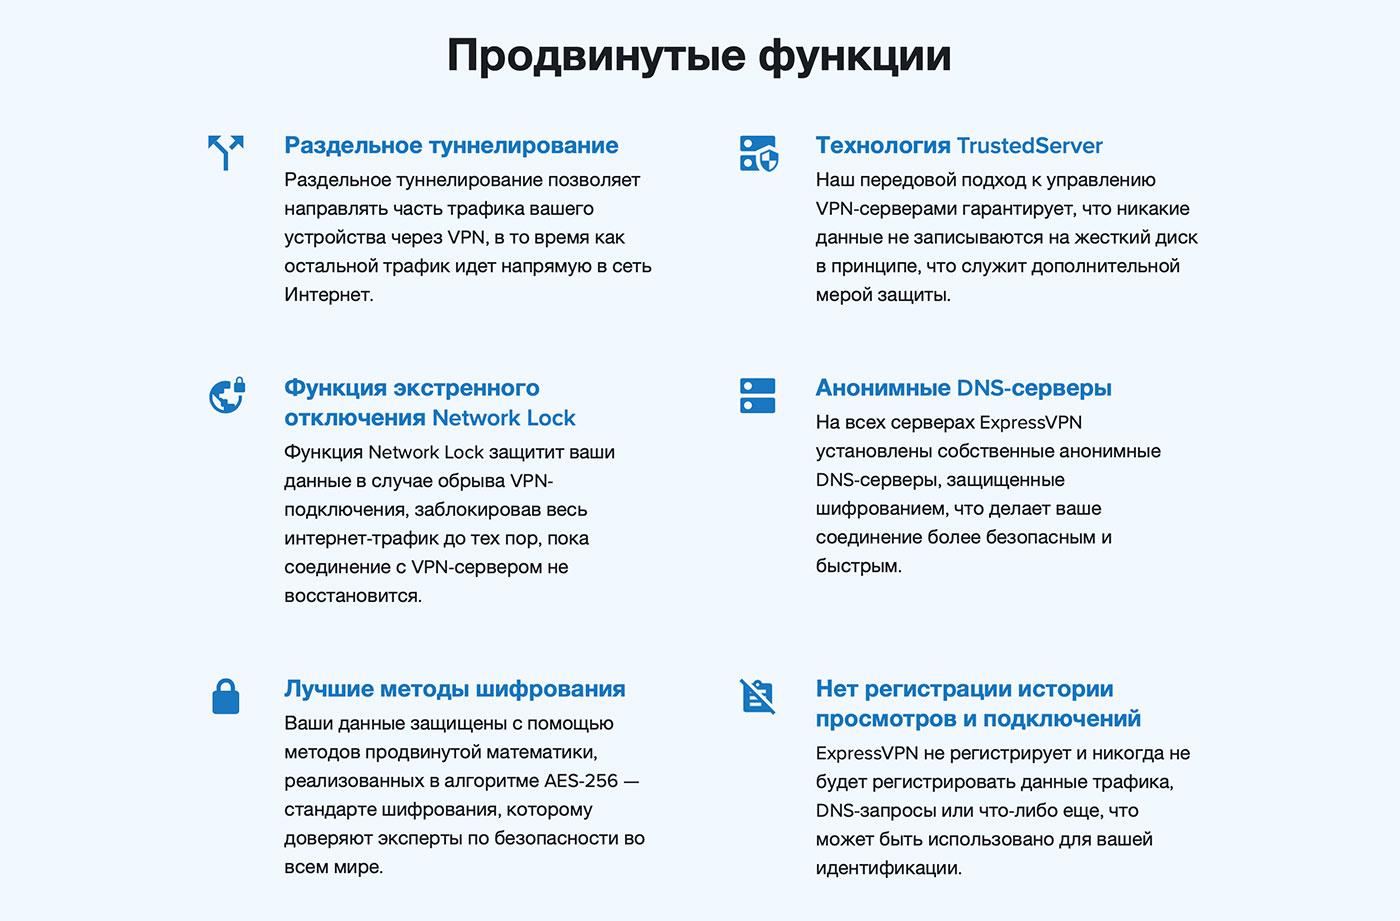 продвинутые функции лучшего vpn сервиса №2 expressvpn